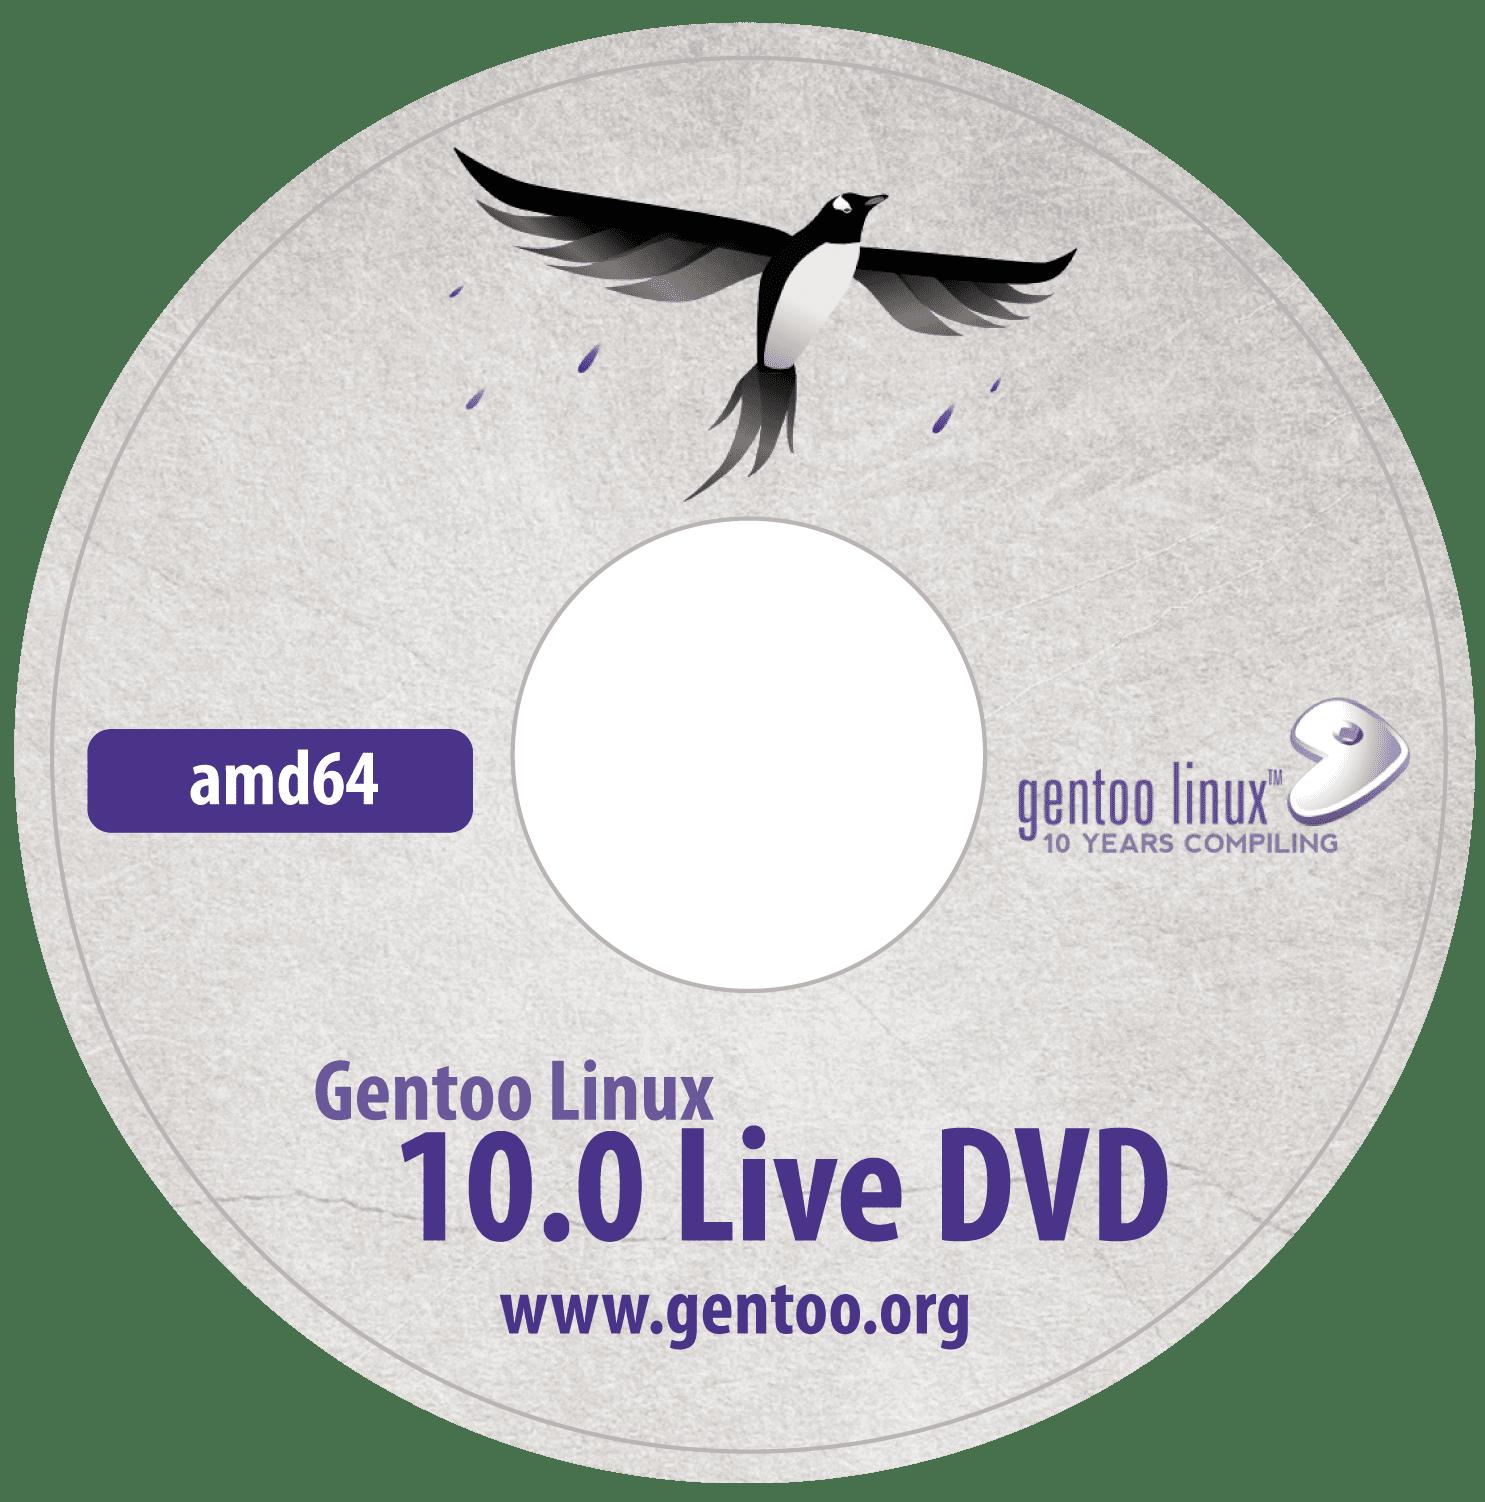 Gentoo ISO